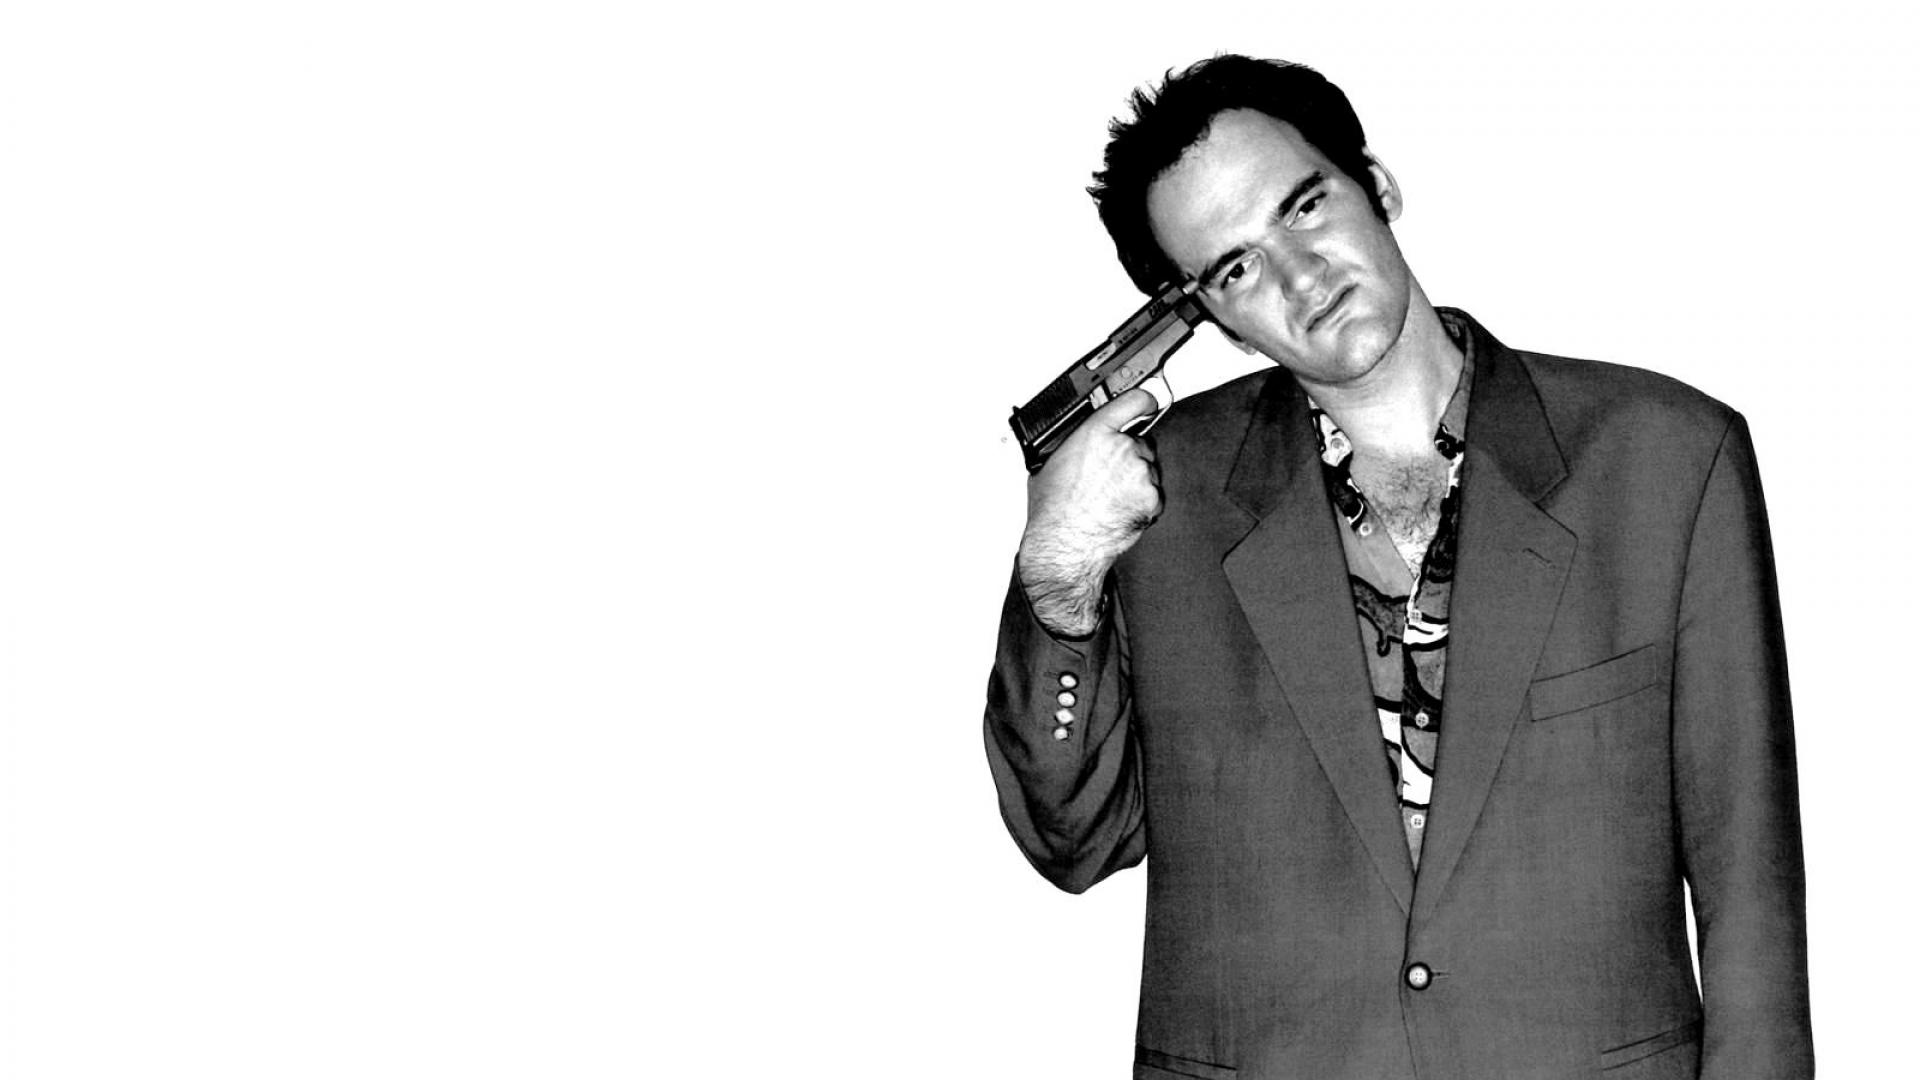 Download Wallpaper 1920x1080 Quentin Tarantino Actor